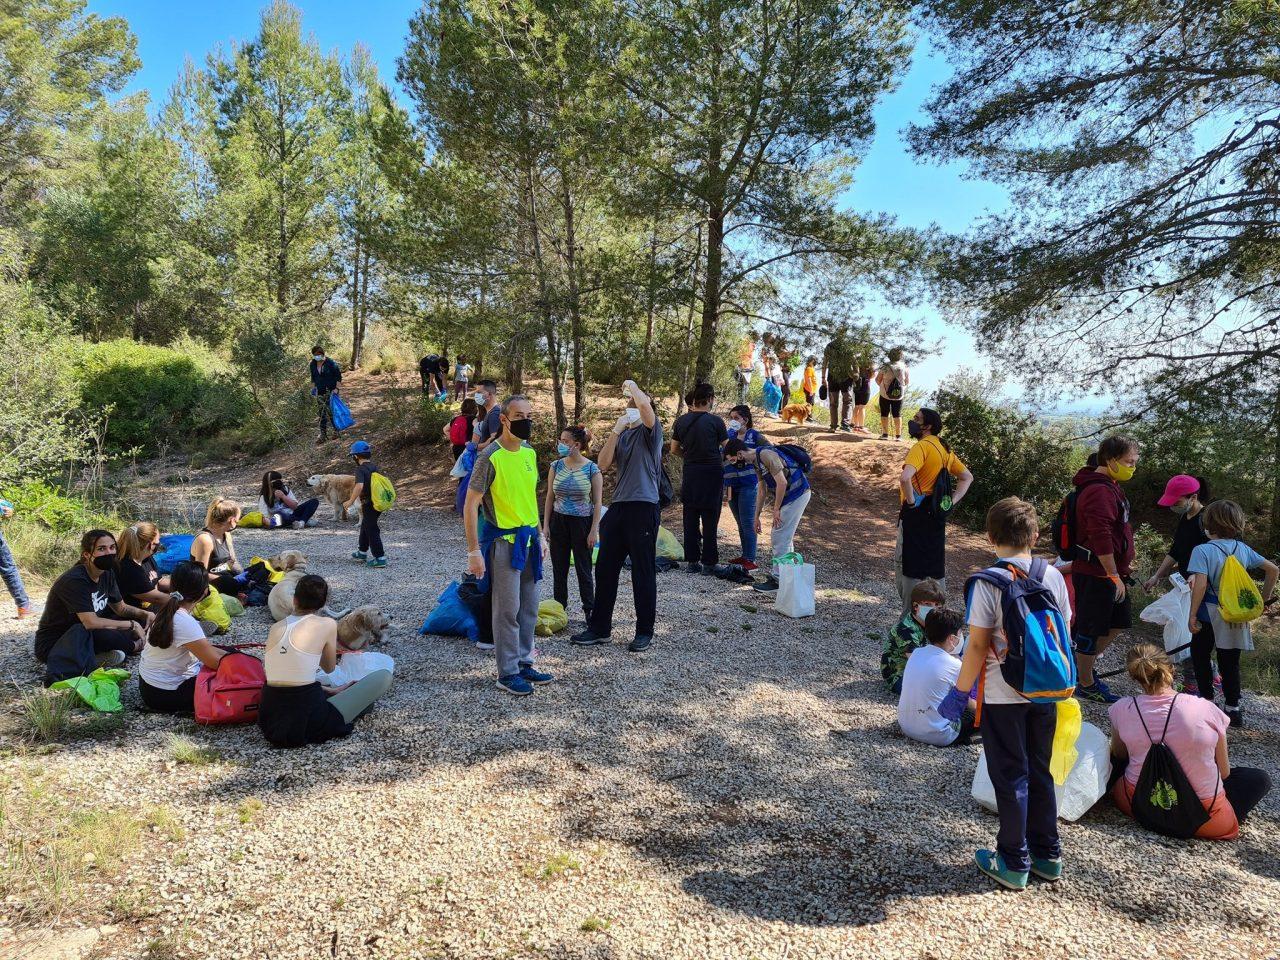 voluntariat-Camina-i-neteja-Castellvell-1280x960.jpg